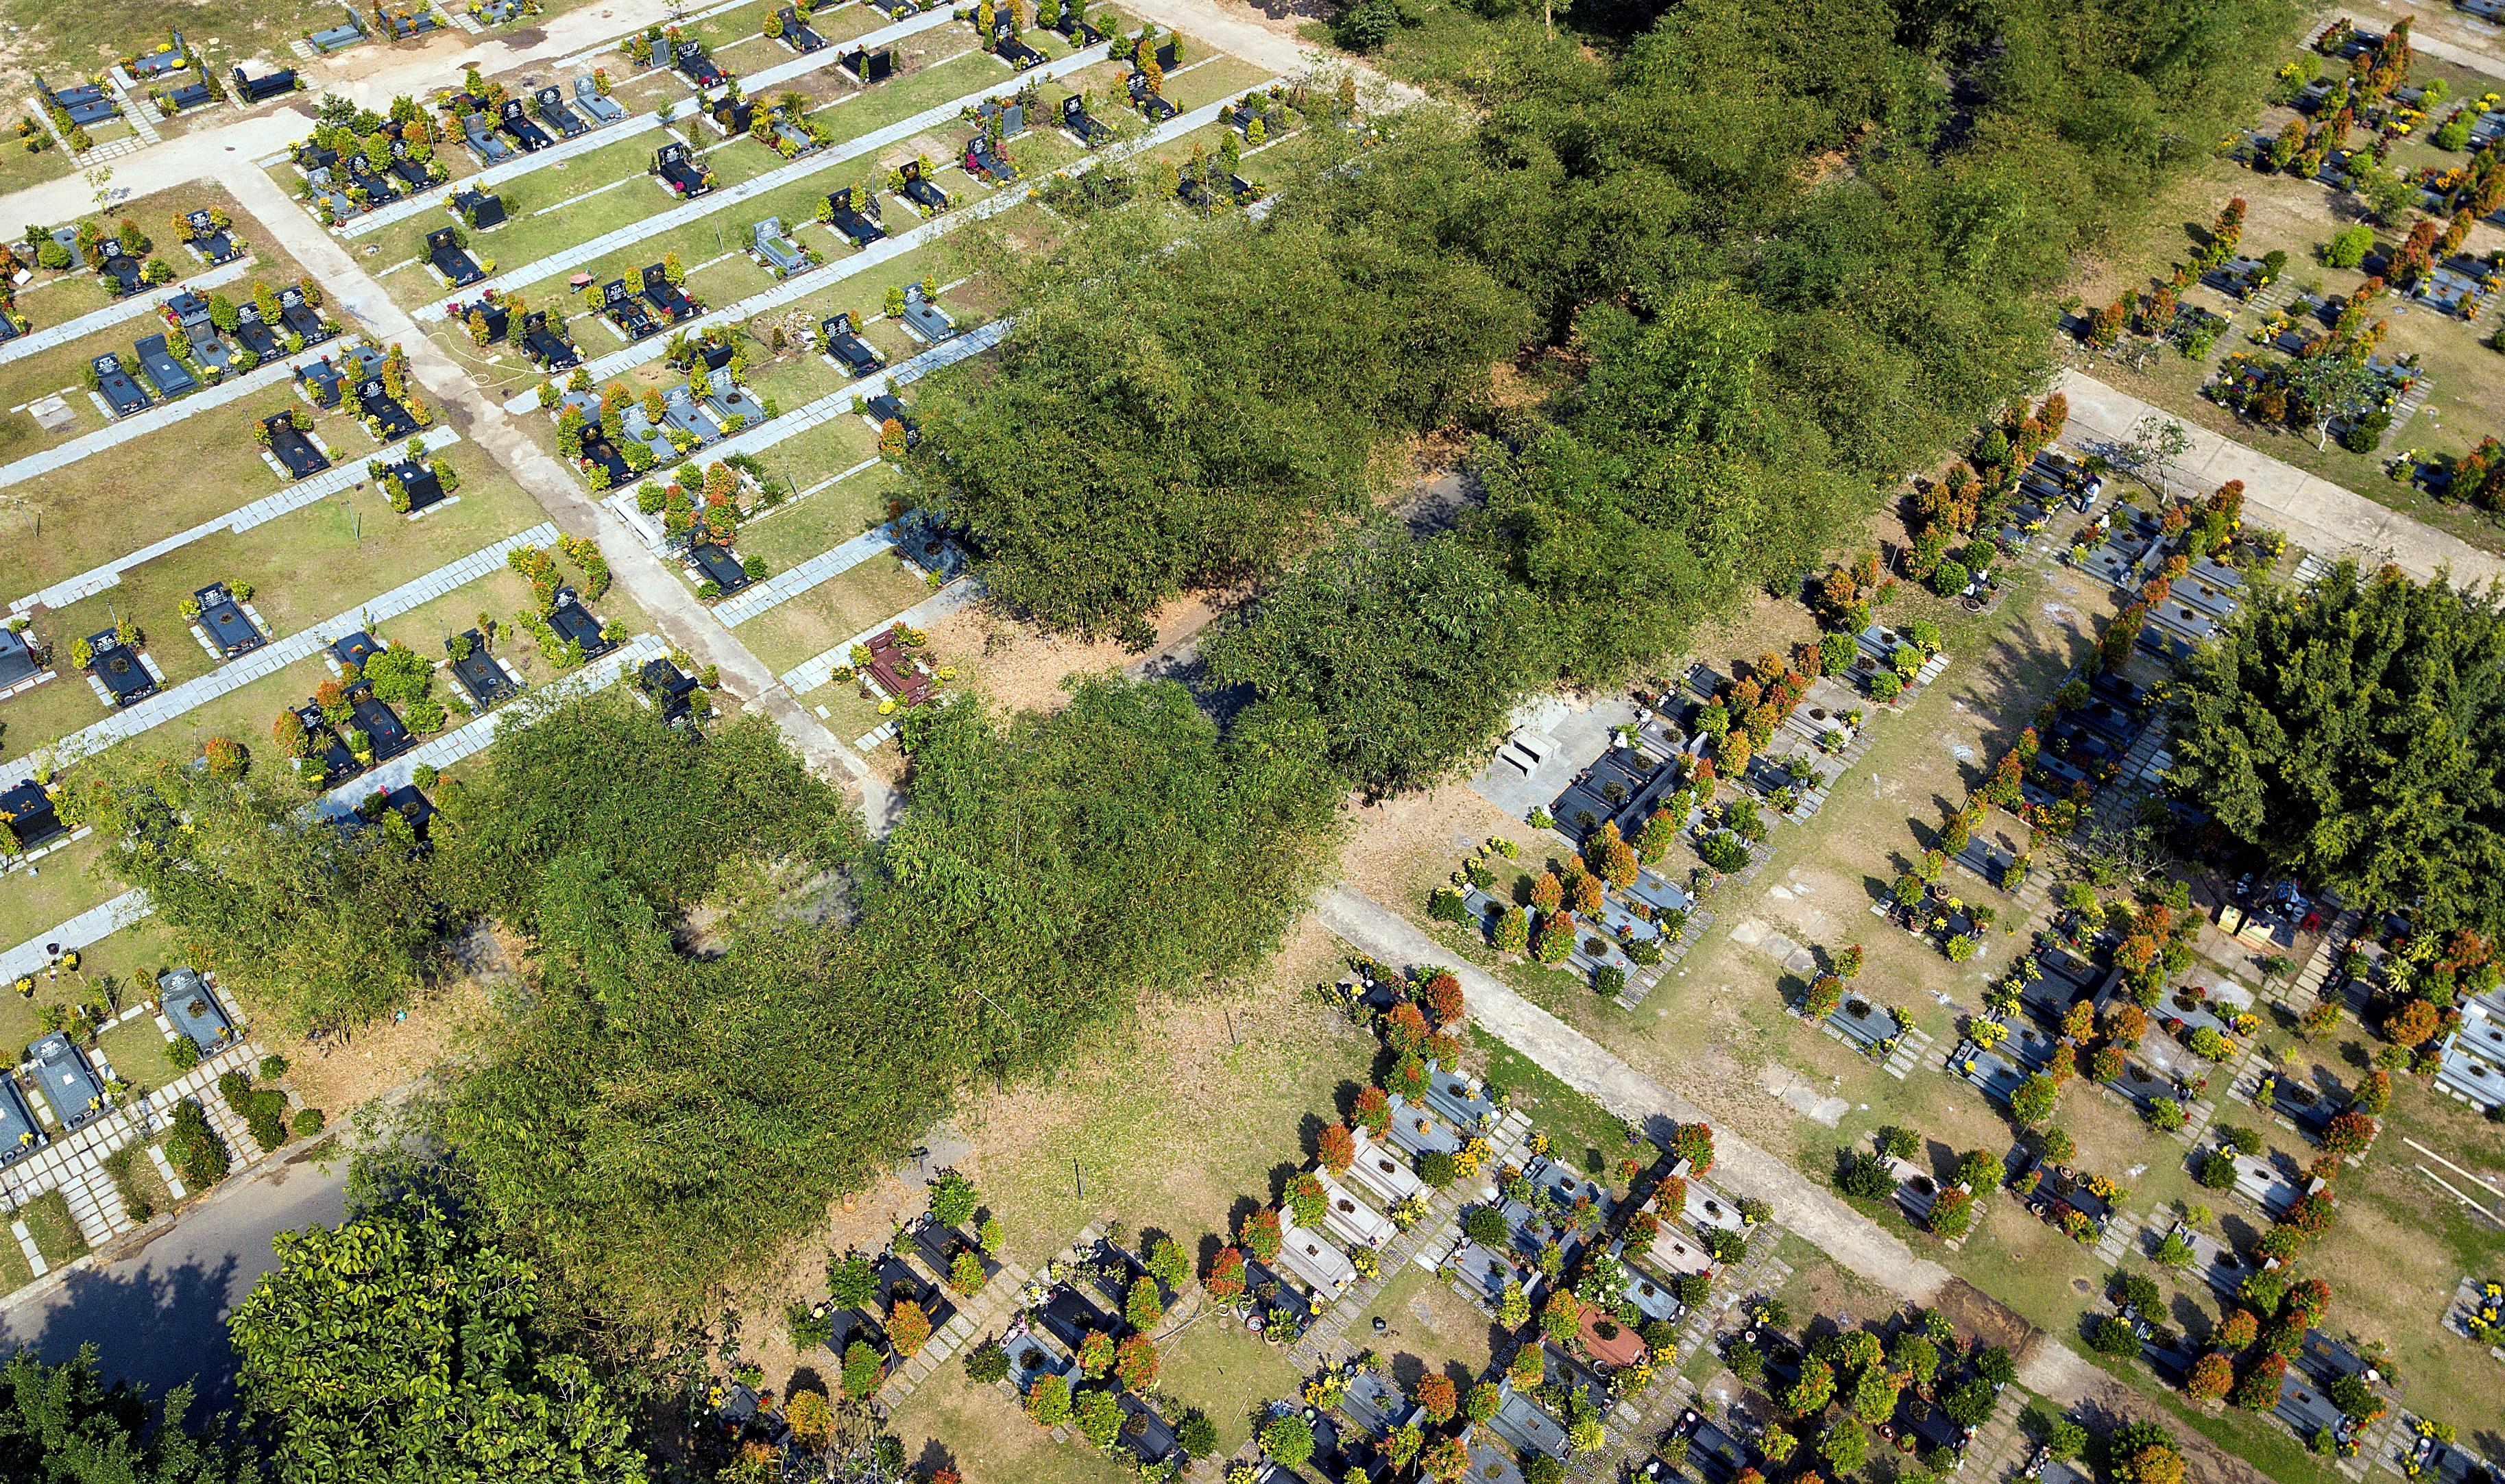 Khuôn viên 200 ha của Hoa viên mới chỉ được đưa vào sử dụng một phần nhỏ